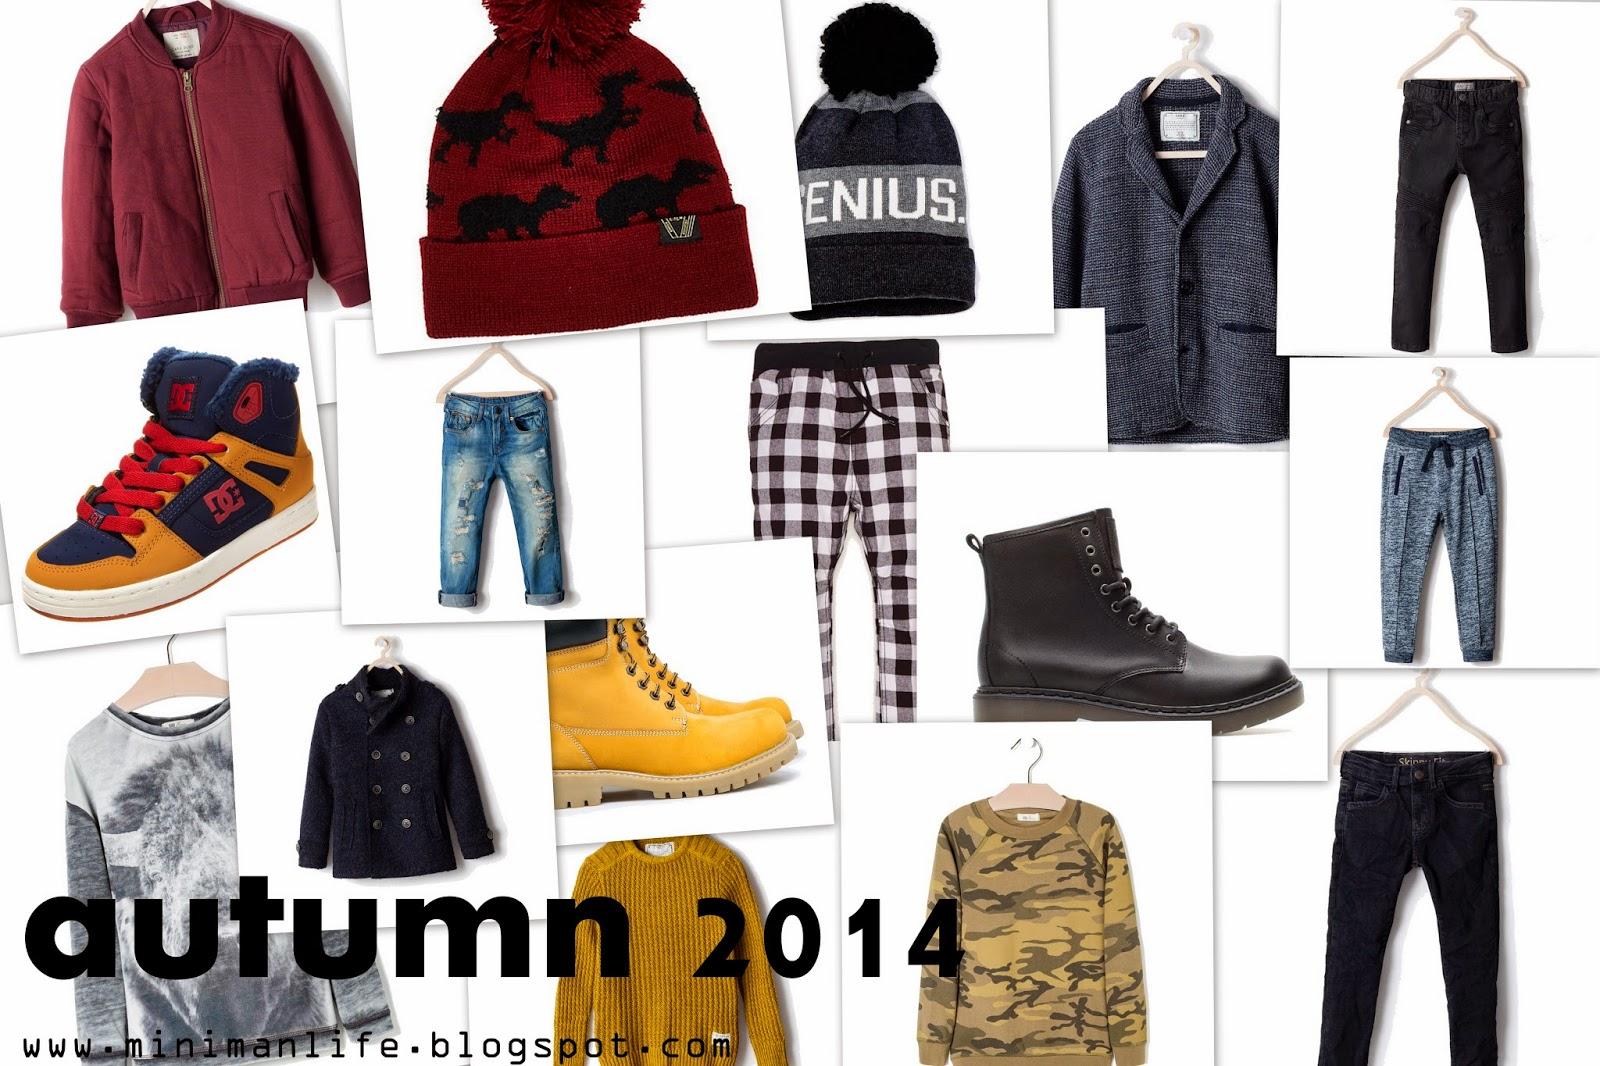 http://minimanlife.blogspot.com/2014/10/na-jedno-kopyto-must-have-na-jesien.html